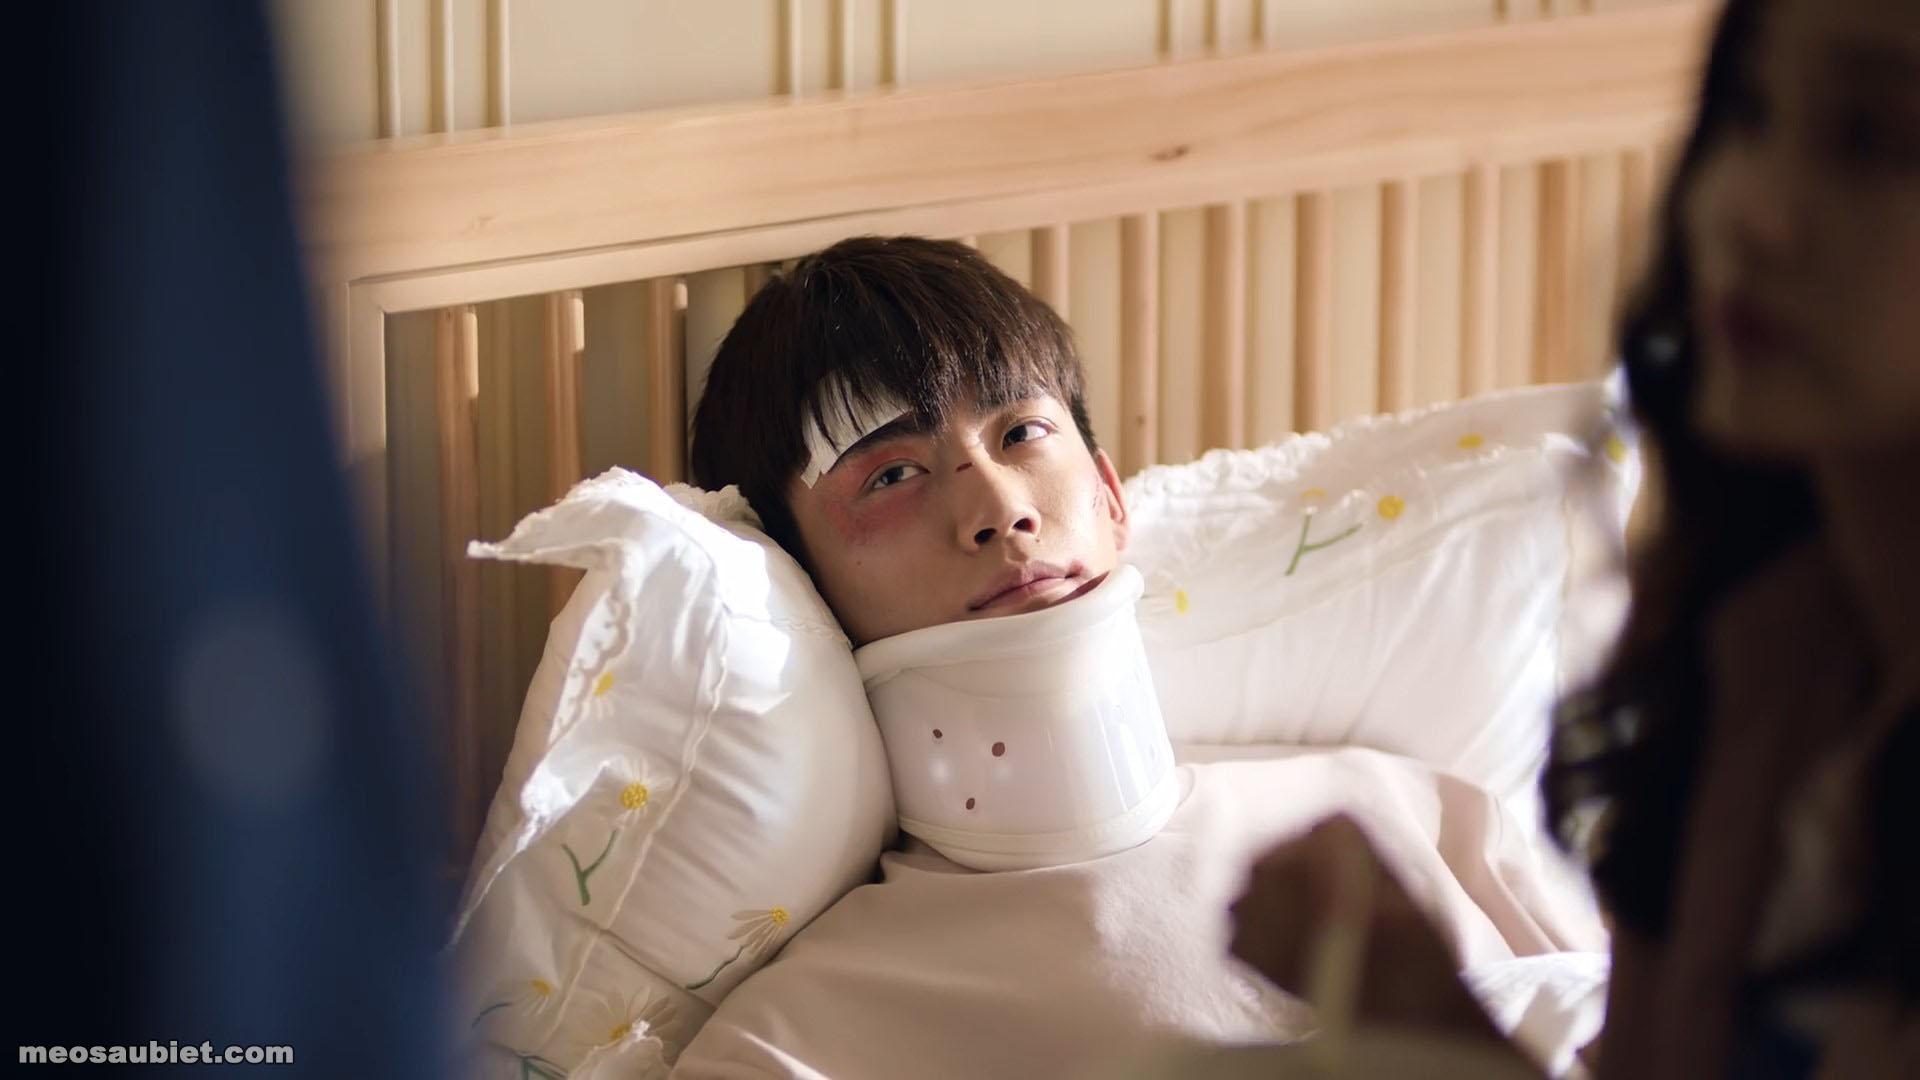 Tình yêu và mất mát 2020 Lý Khanh trong vai Trạm Vũ